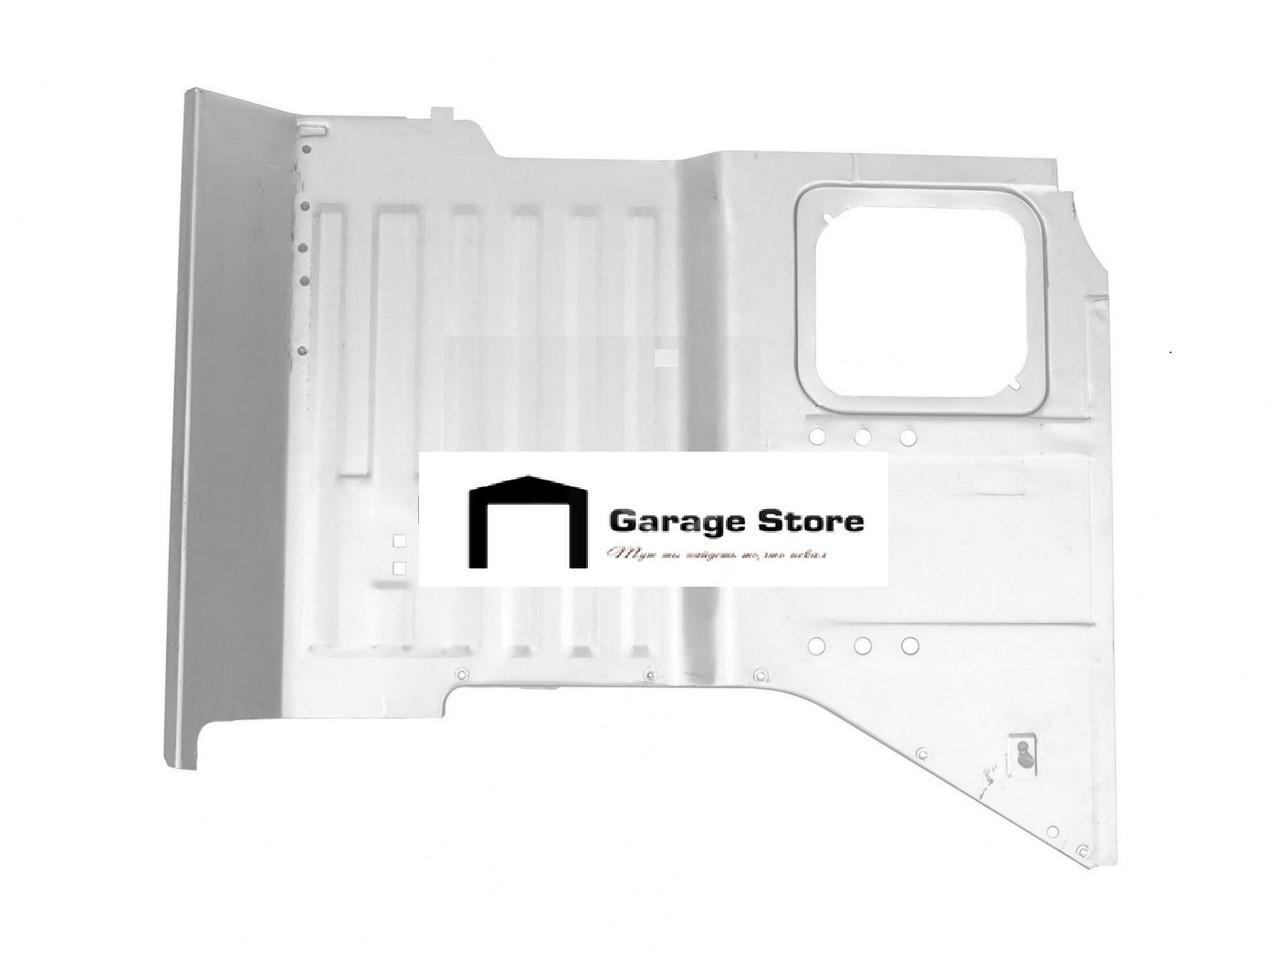 Панель підлоги передня права 315140510101800, 31514-5101018